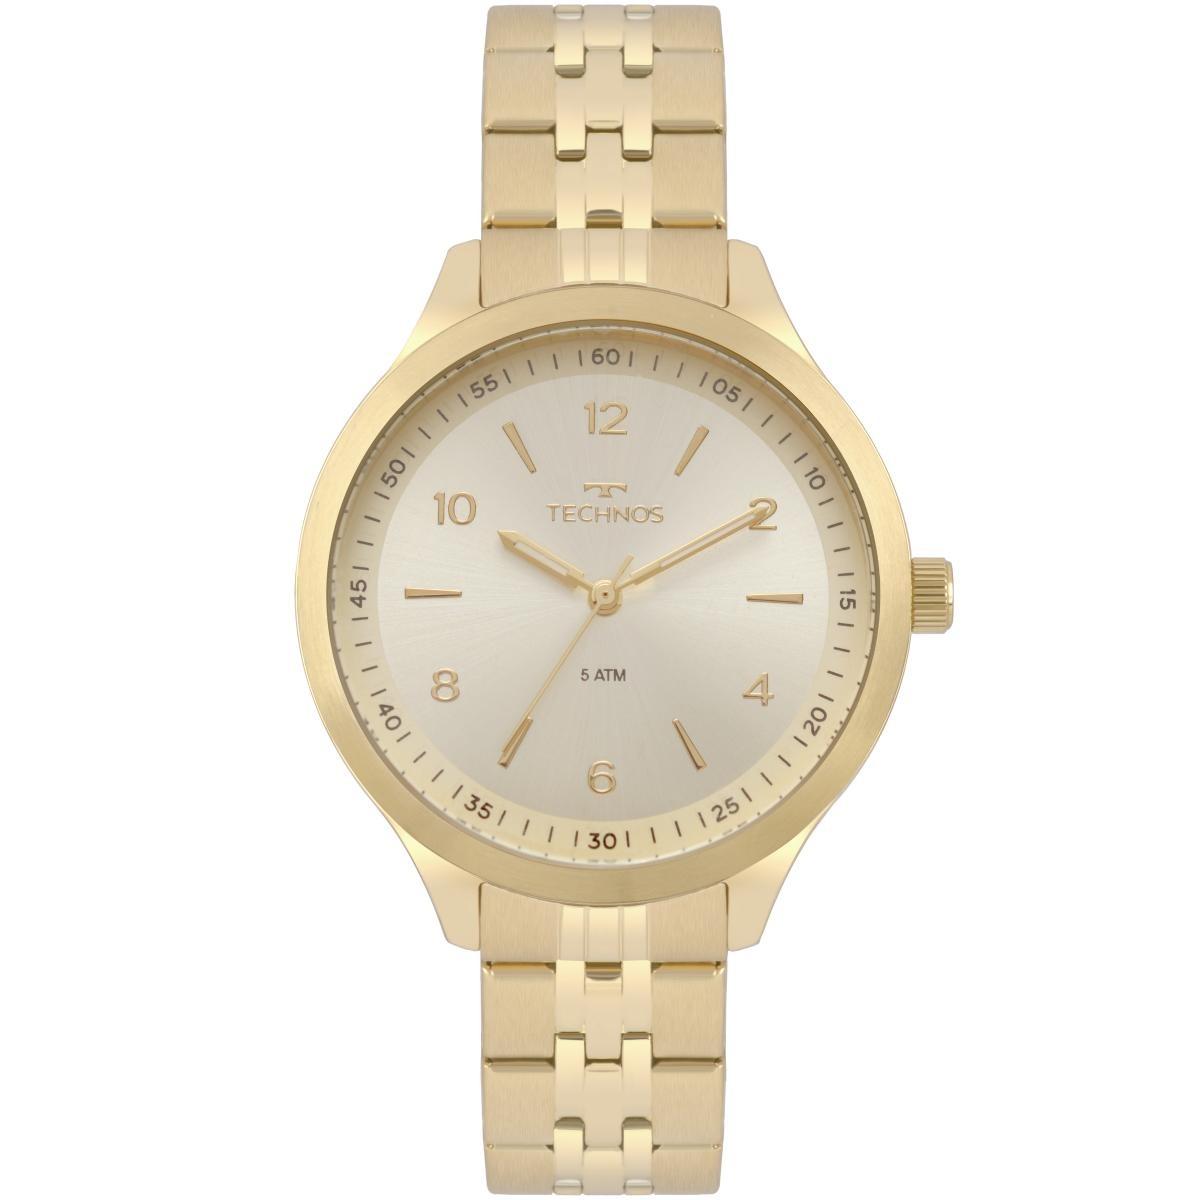 644f3744fd0 Relógio Feminino Technos Dress 2035mot 4x 40mm Aço Dourado - R  231 ...